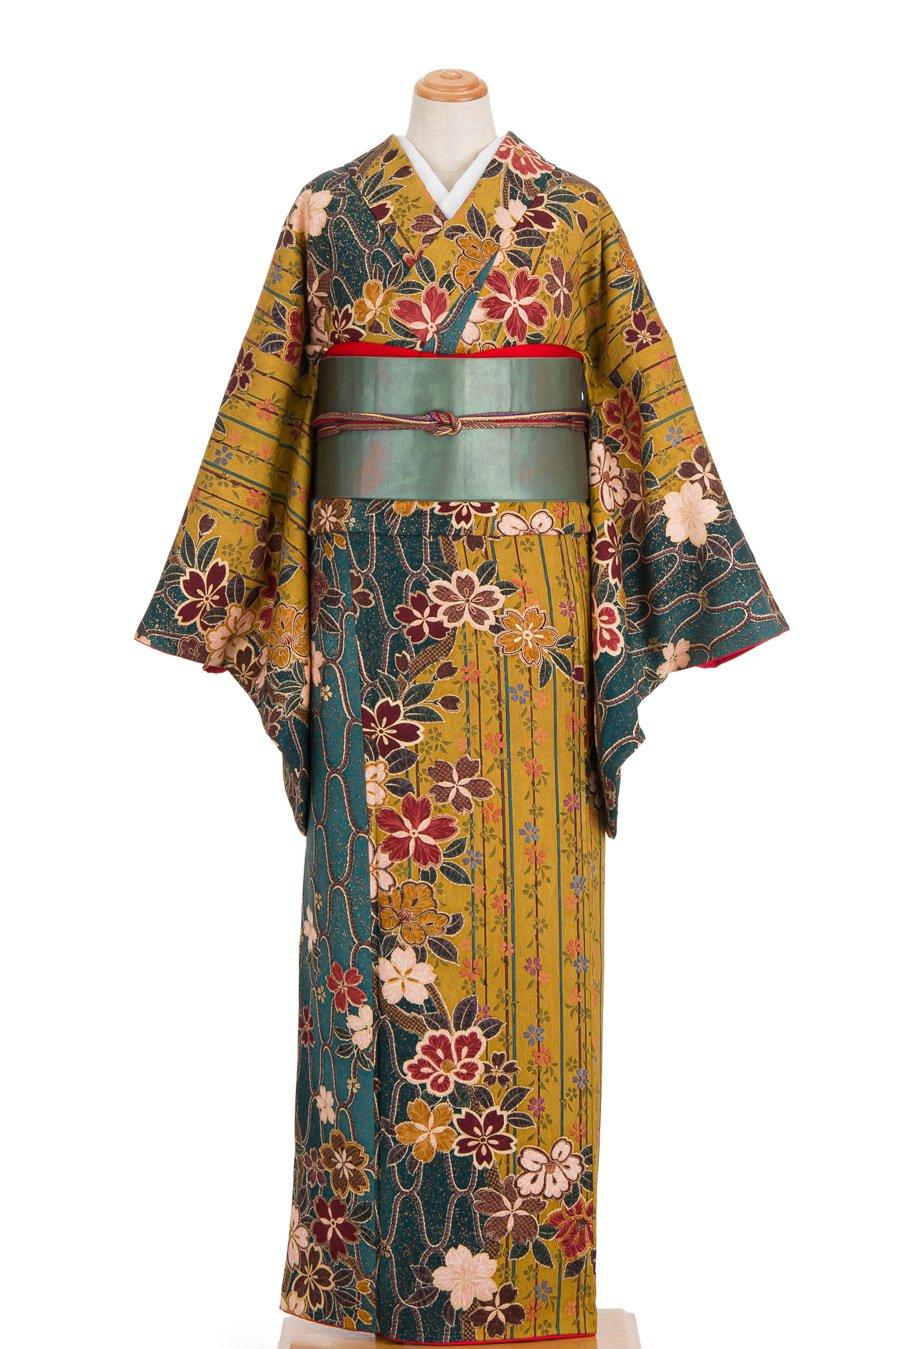 「桜と椿 裄長」の商品画像